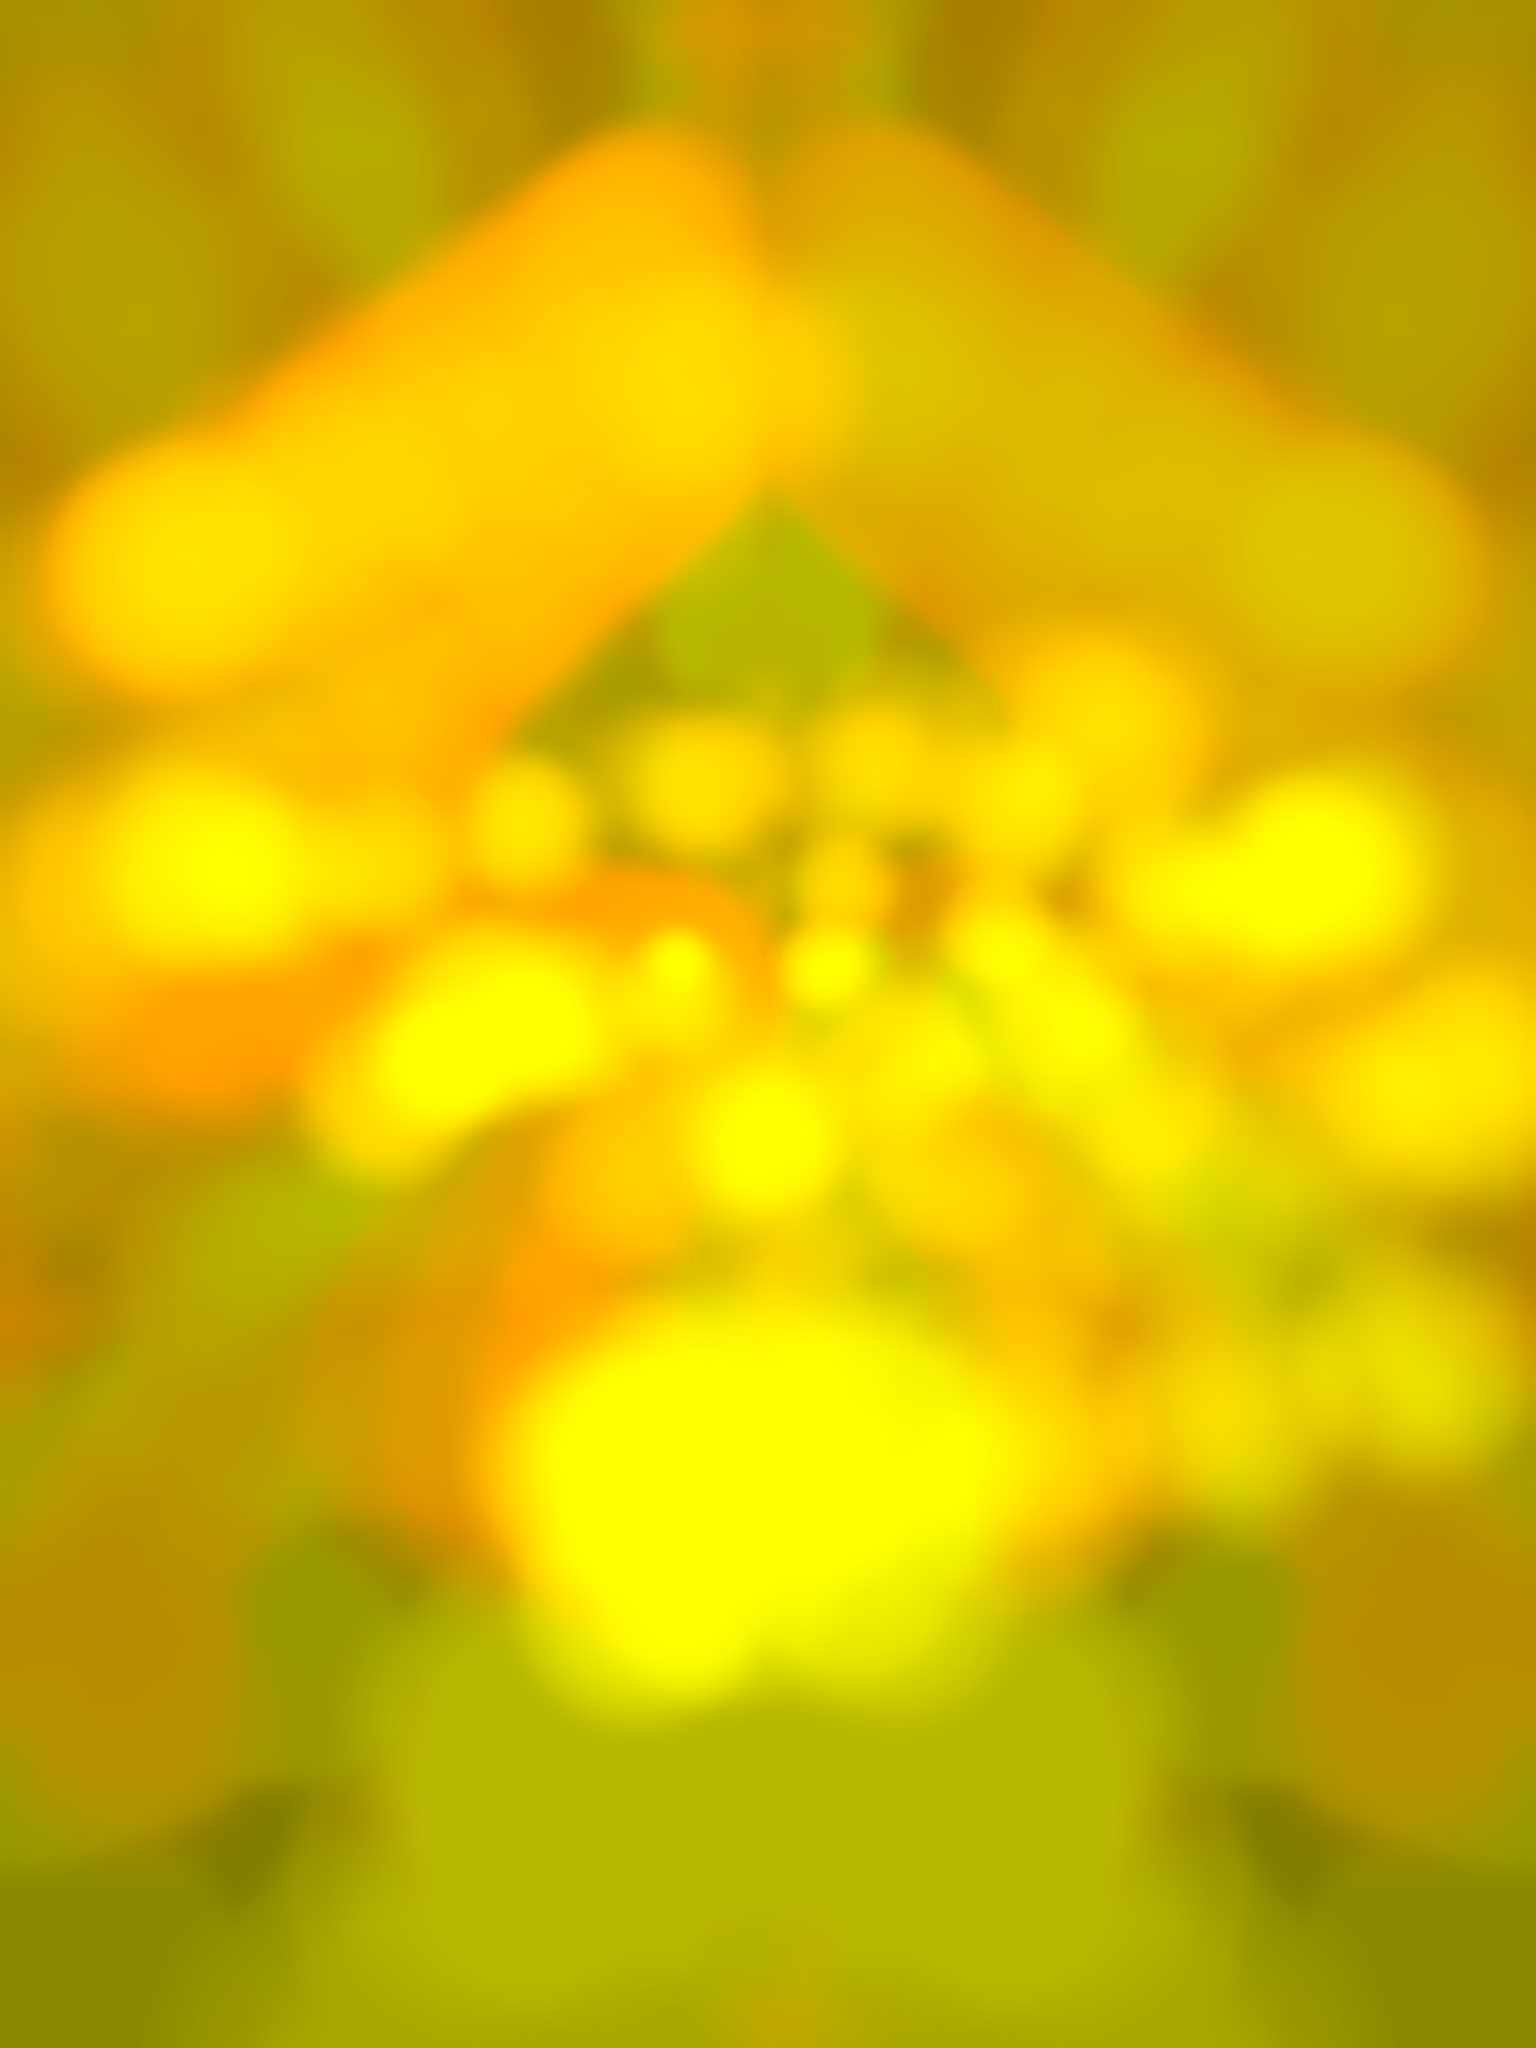 iOS Simulator Screen shot Jun 20, 2012 9.14.02 AM